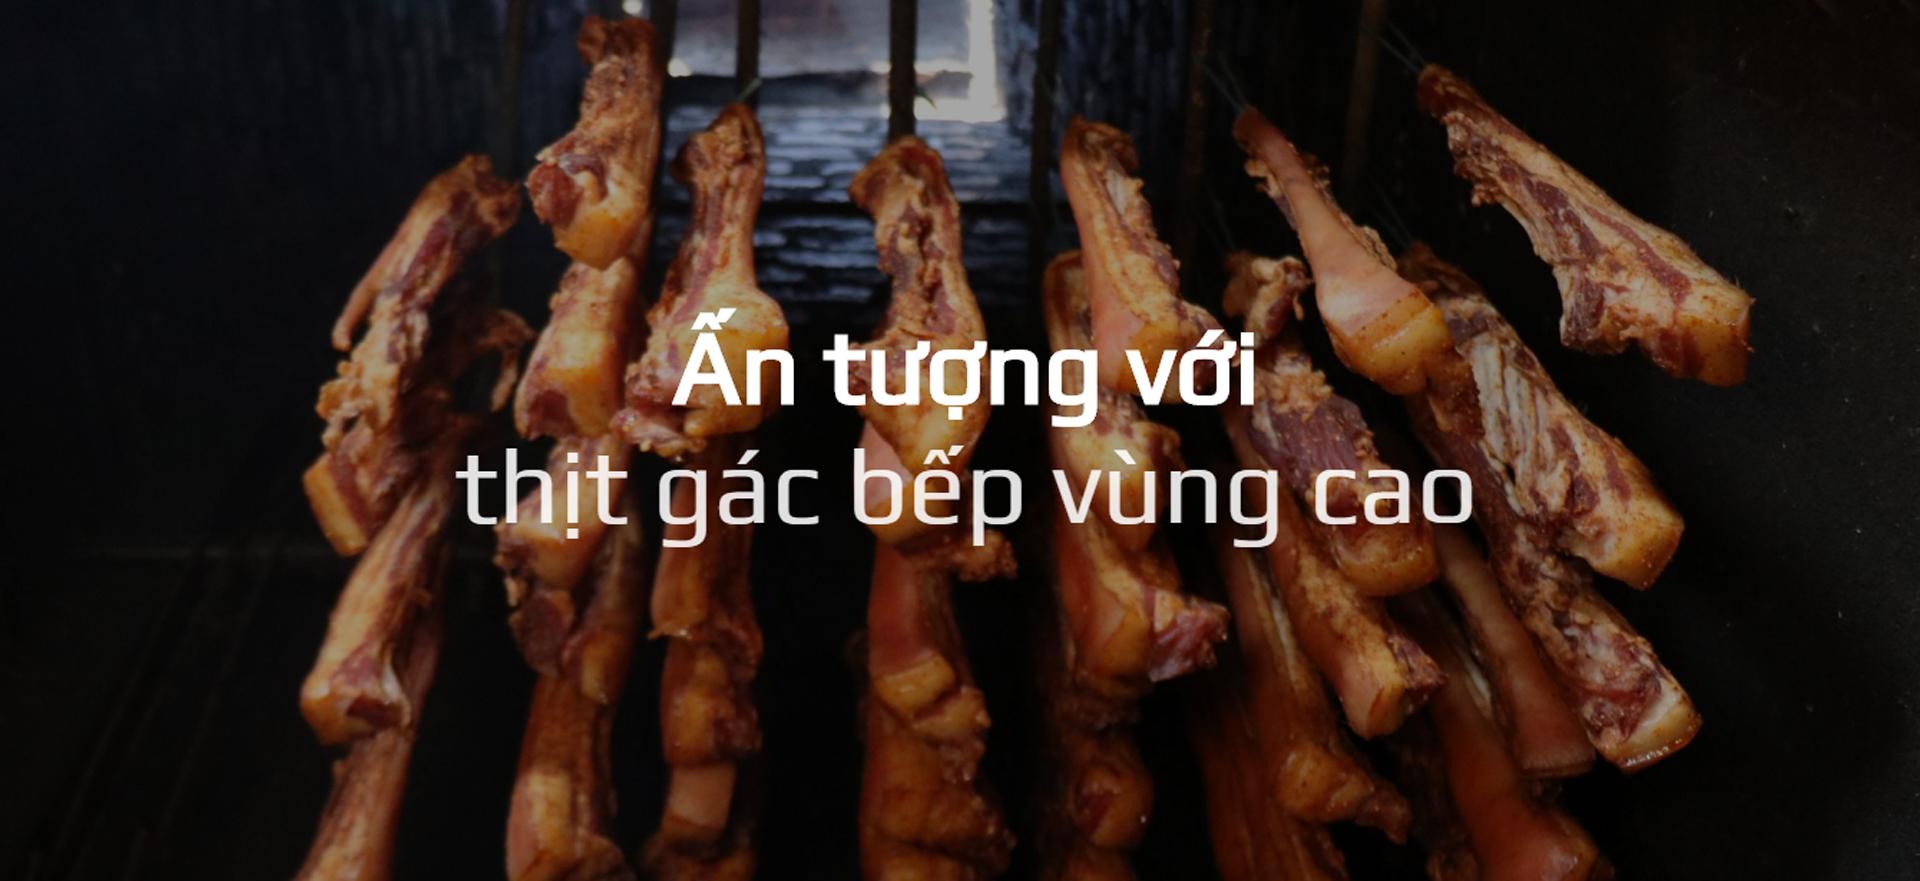 Thịt gác bếp, Đặc sản, khói bếp vùng cao, Cách thức bảo quản, nơi gác bếp